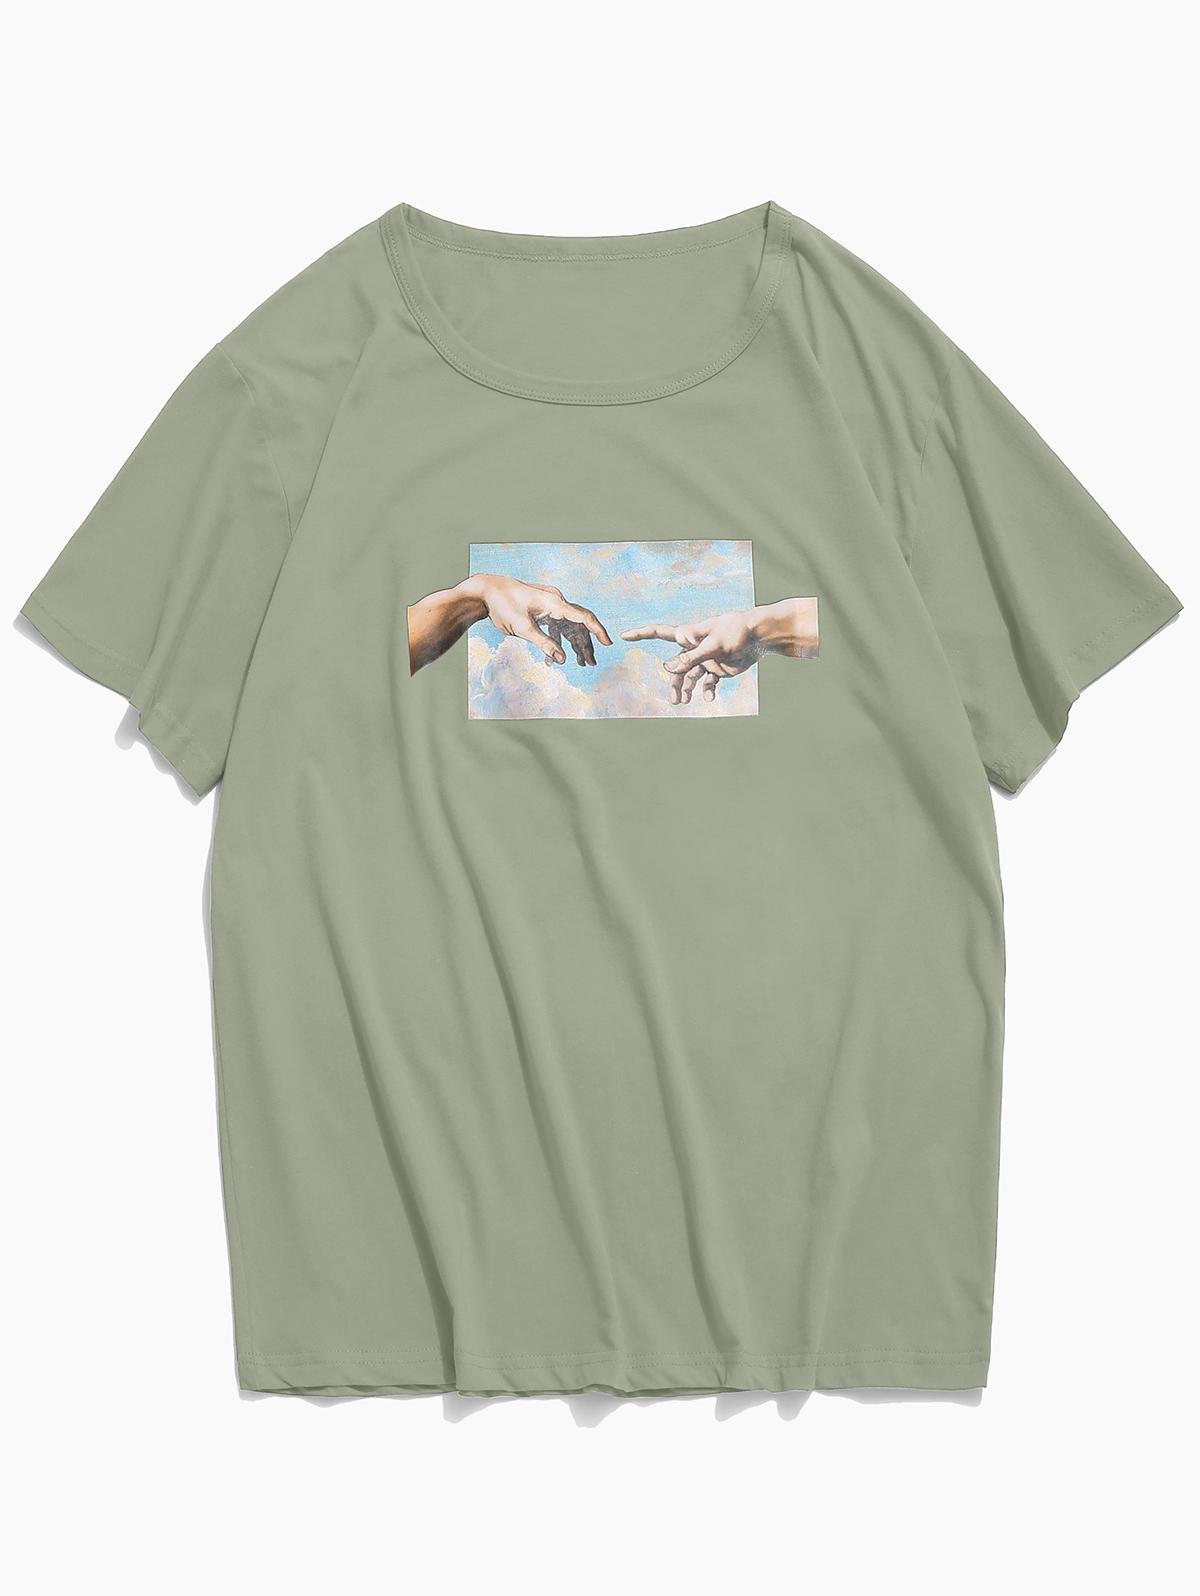 Helping Hands Pattern T-shirt Helping Hands Pattern T-shirt